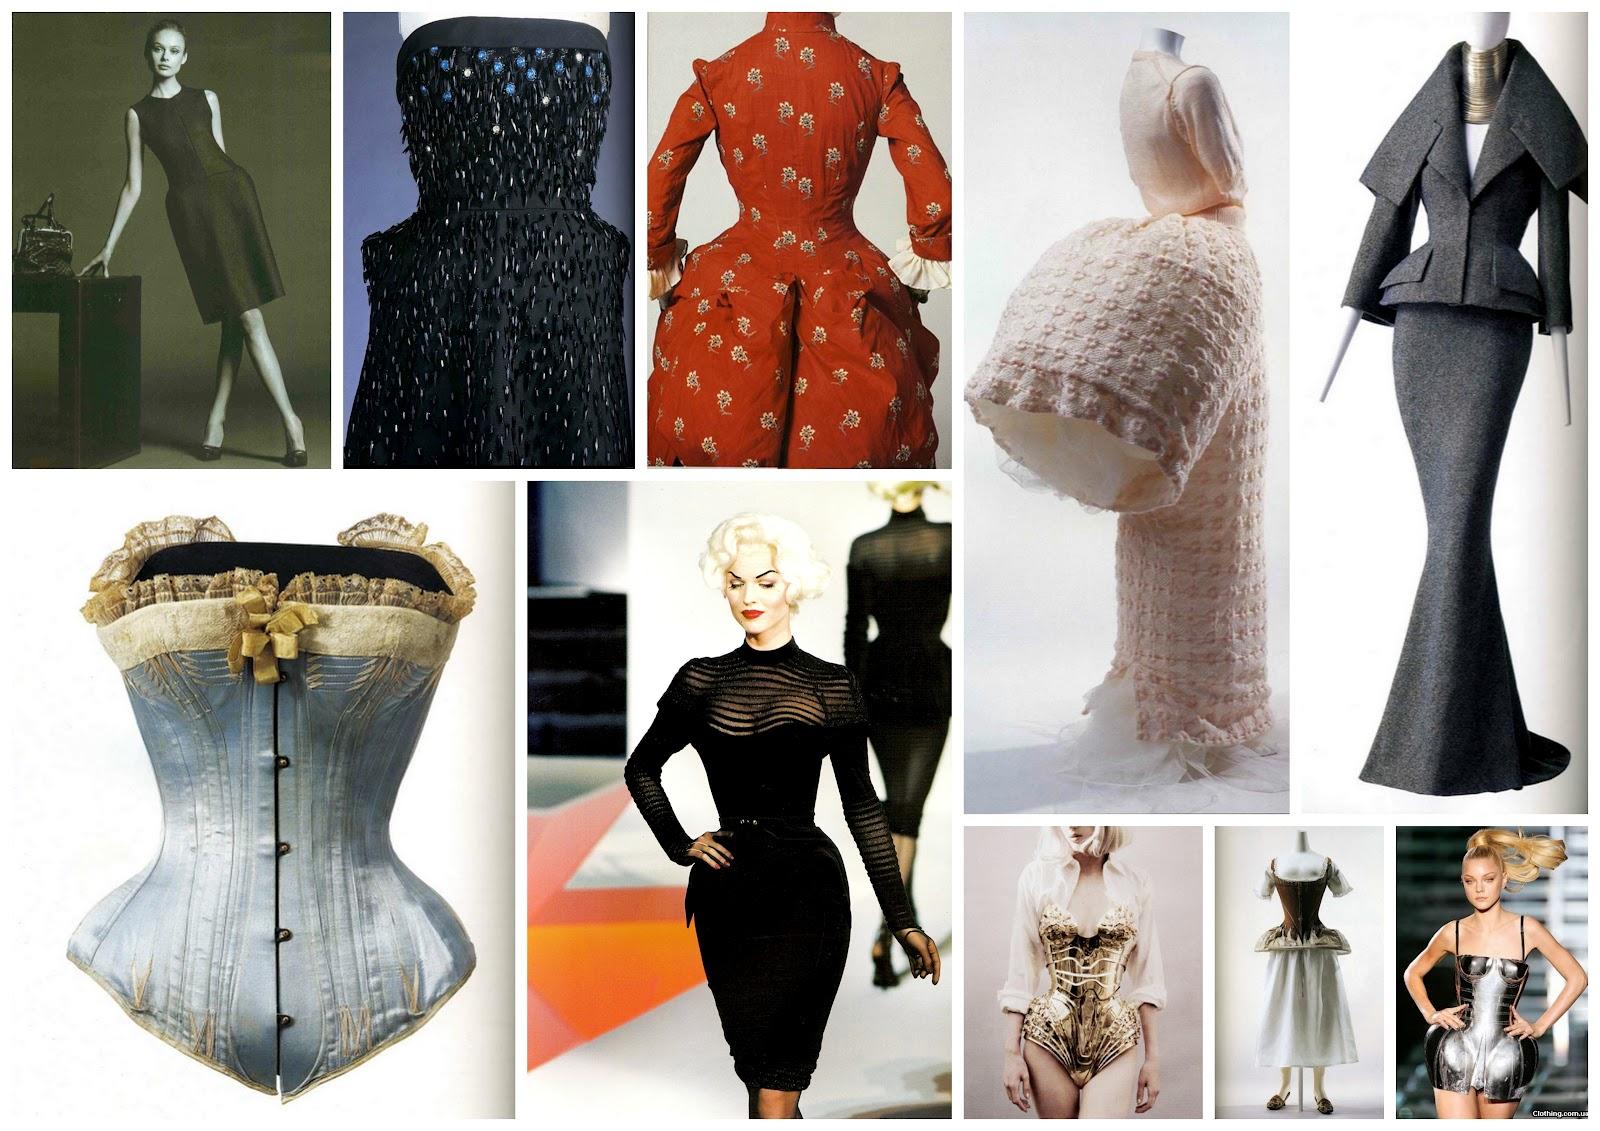 ab05e72ecb47b7c рекламная компания Boteca Venetta 2006г.; вечернее платье Кристобаль  Баленсиага, осень-зима 1949 г.; Лафоркад, вечернее платье 1885 г.; Рей  Кавакубо, ...